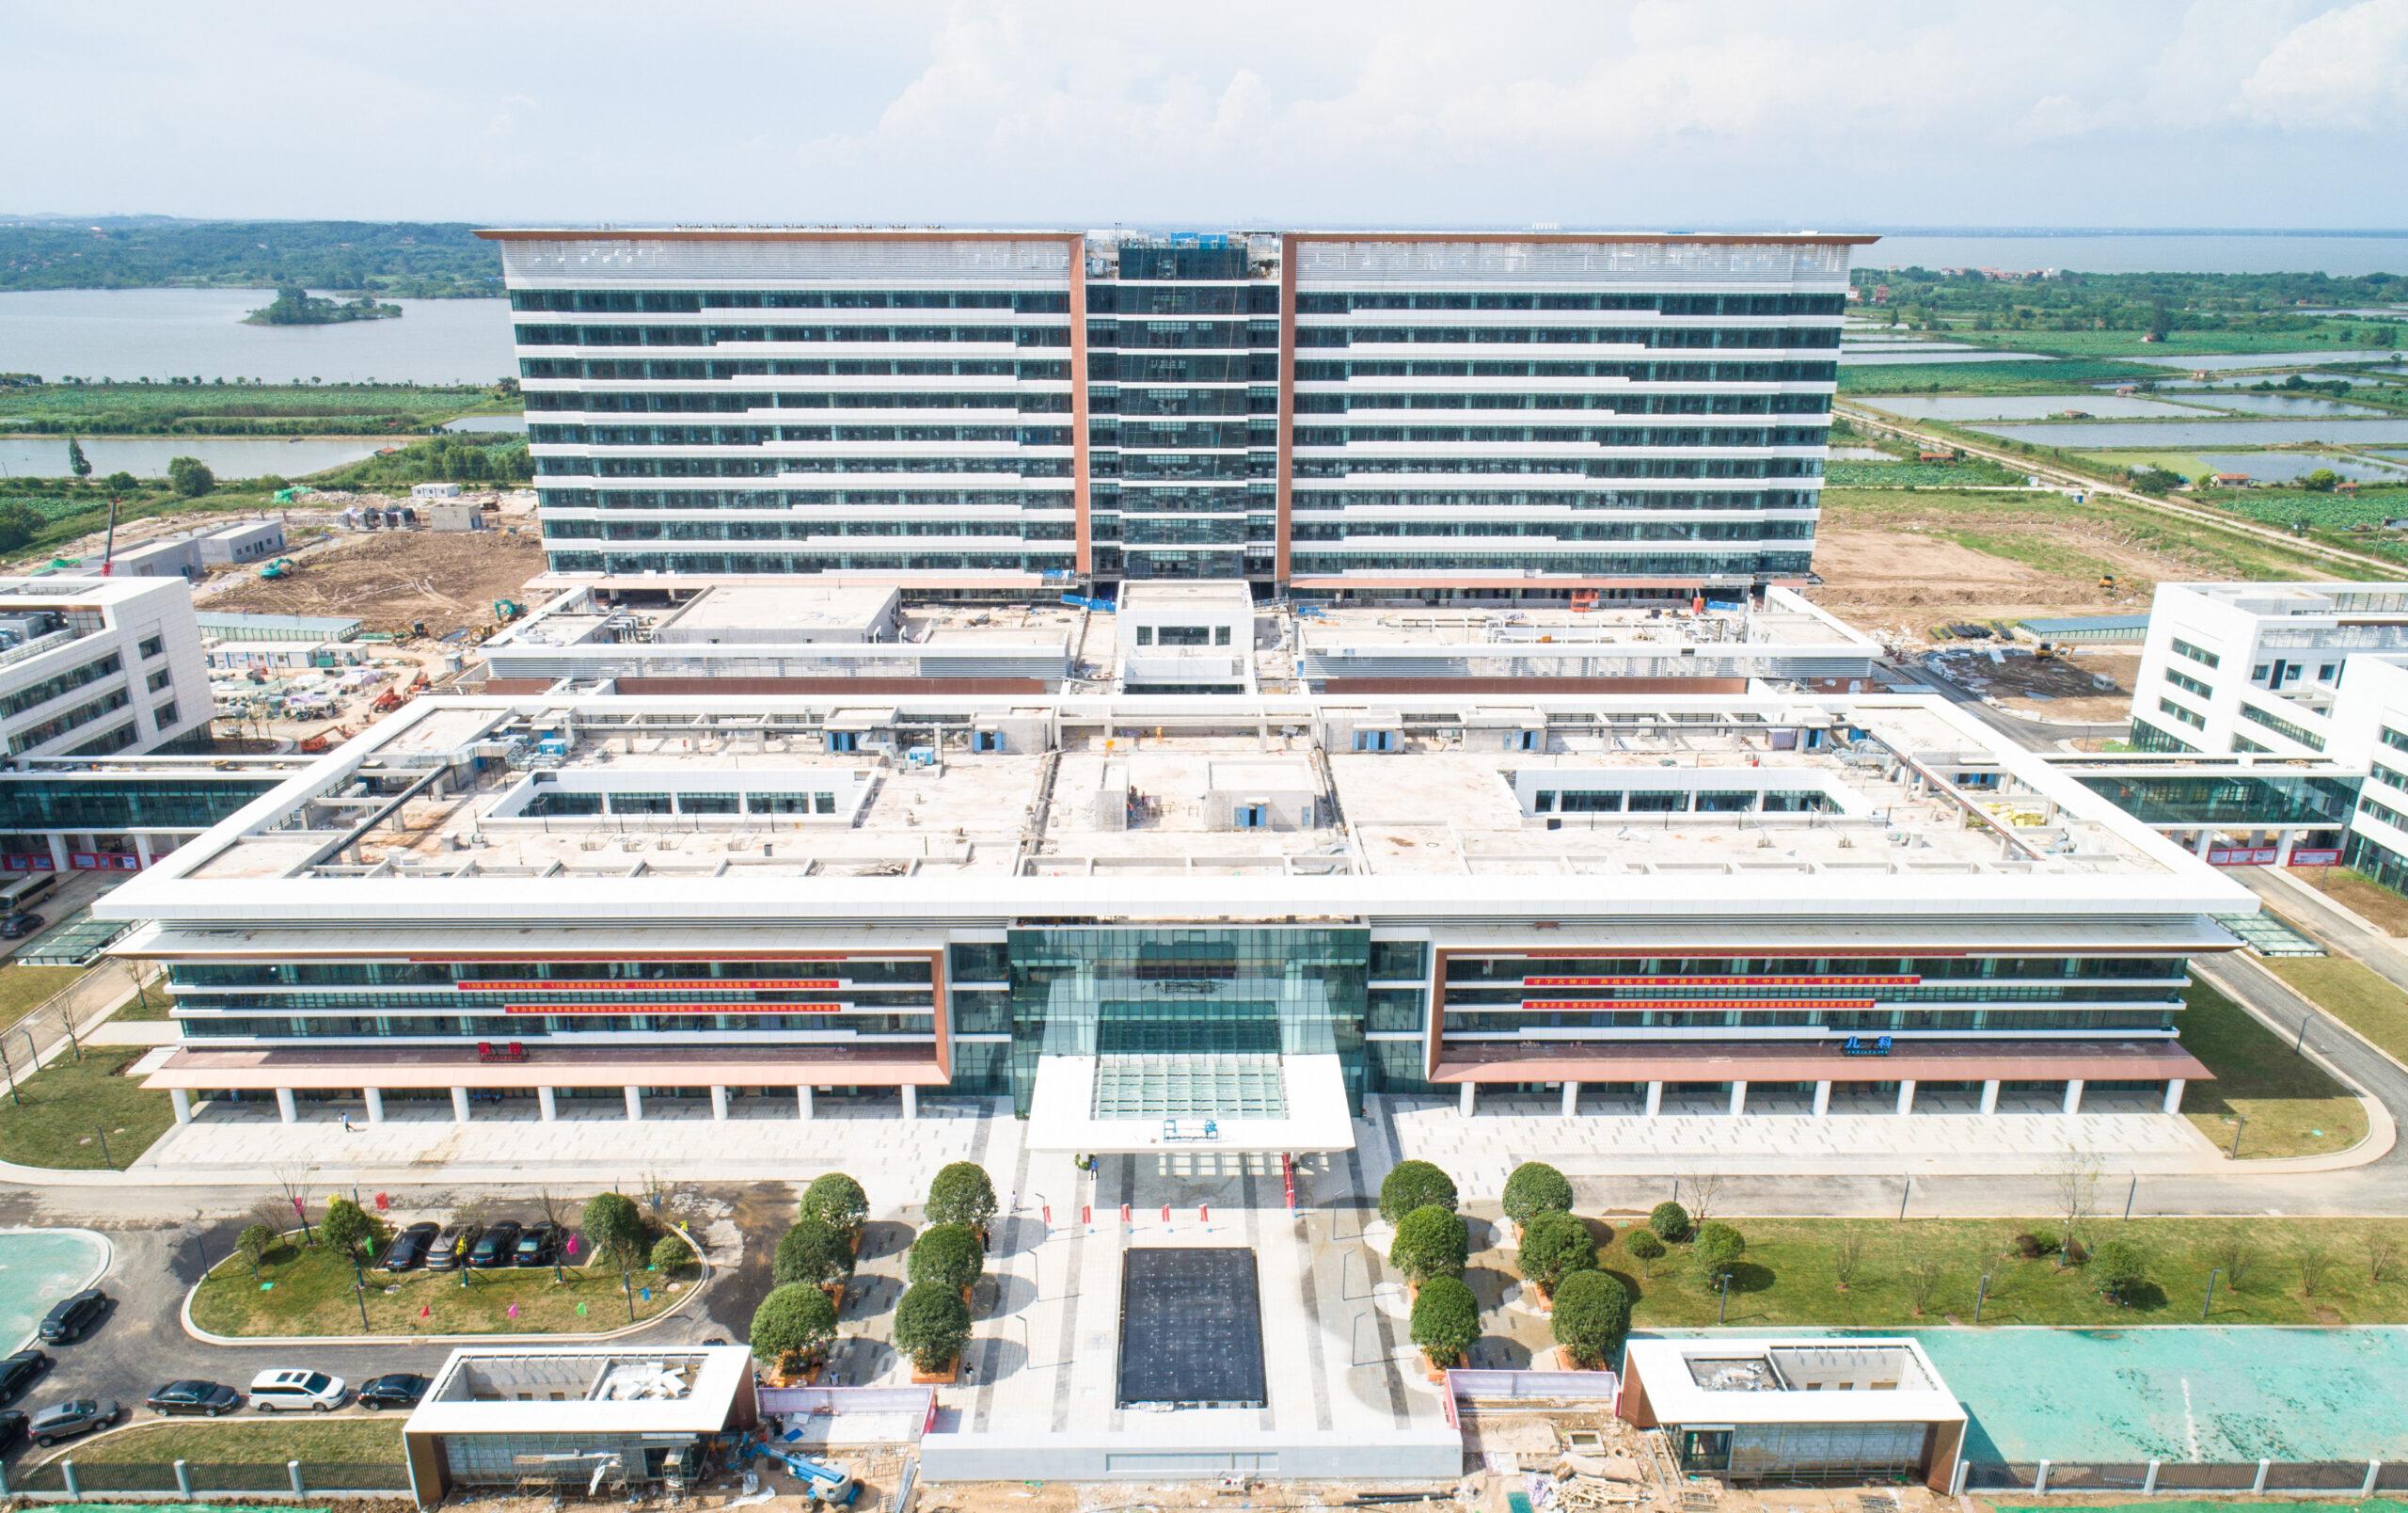 289 วันเสร็จ! อู่ฮั่นสร้าง 'โรงพยาบาล 1,000 เตียง' ชั้นนำระดับประเทศ